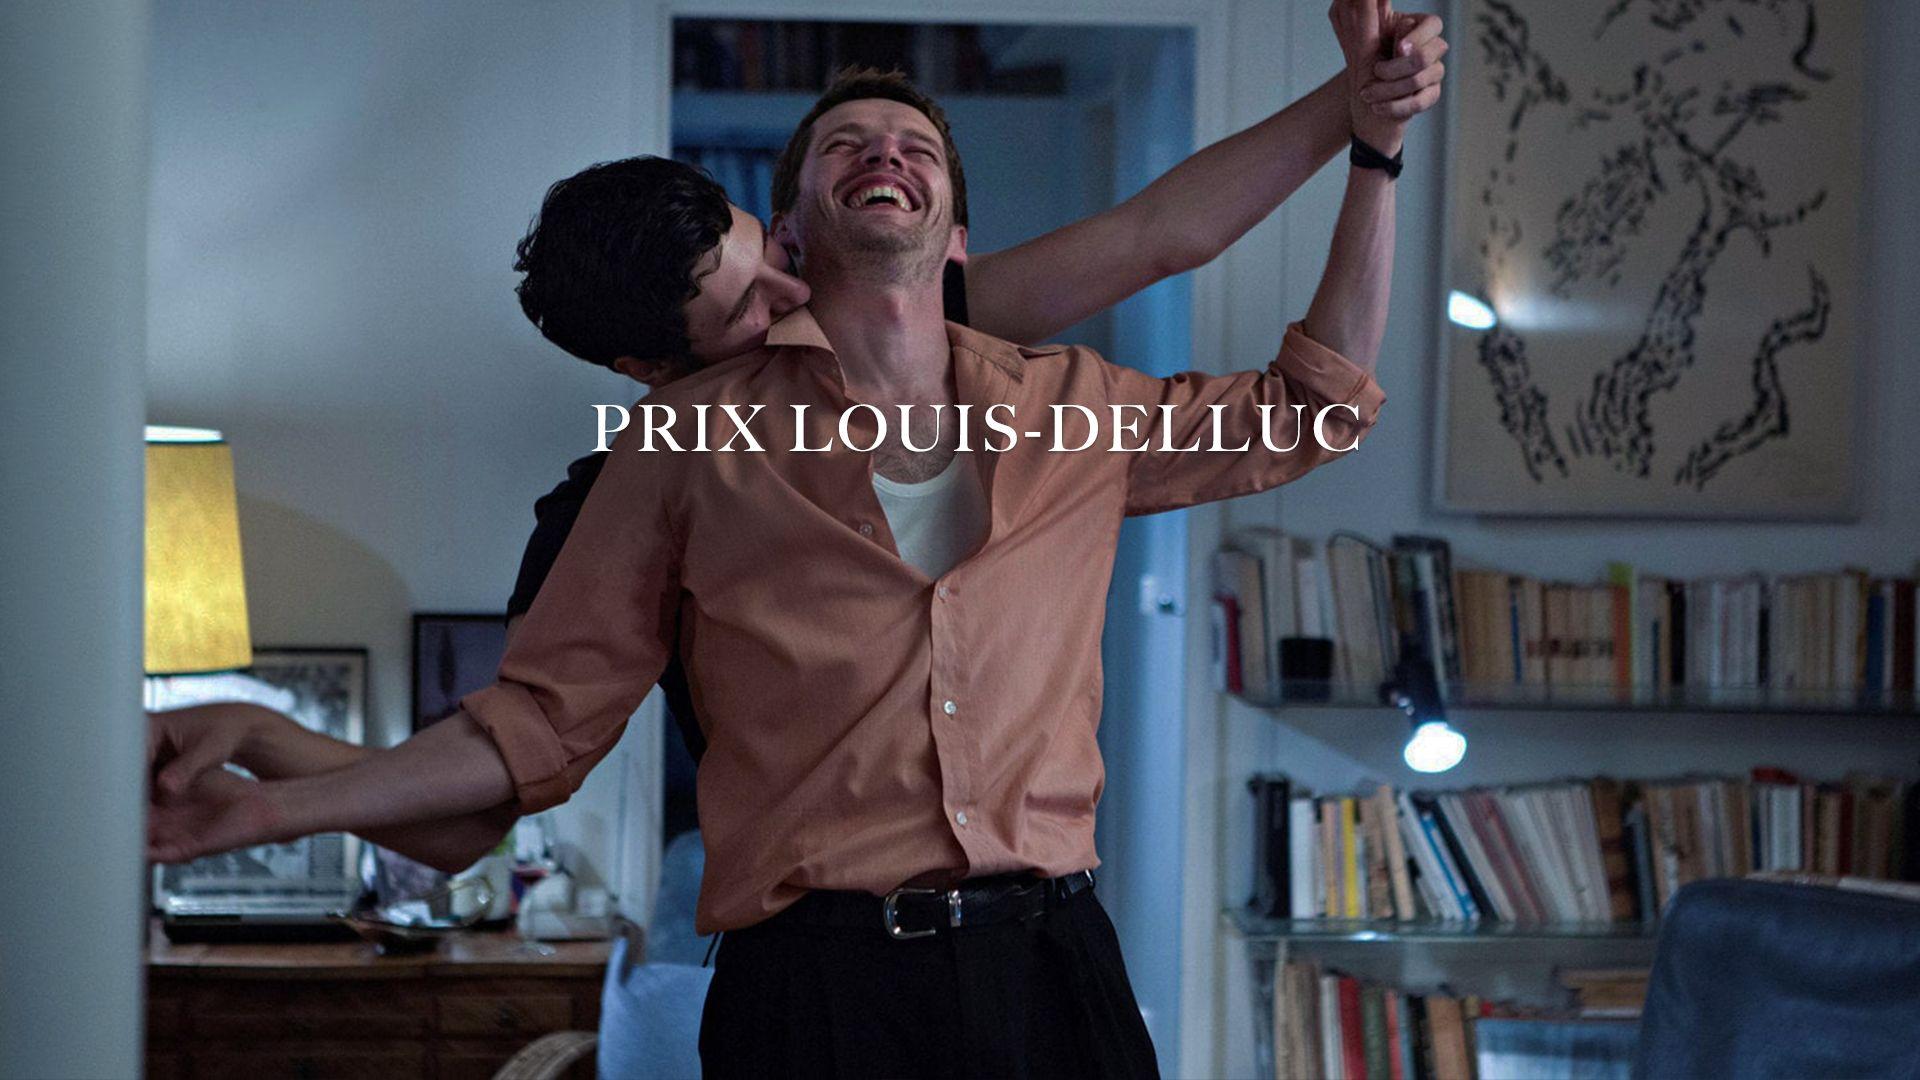 Palmarès du Prix Louis-Delluc 2018 : un indice pour les César 2019 ?